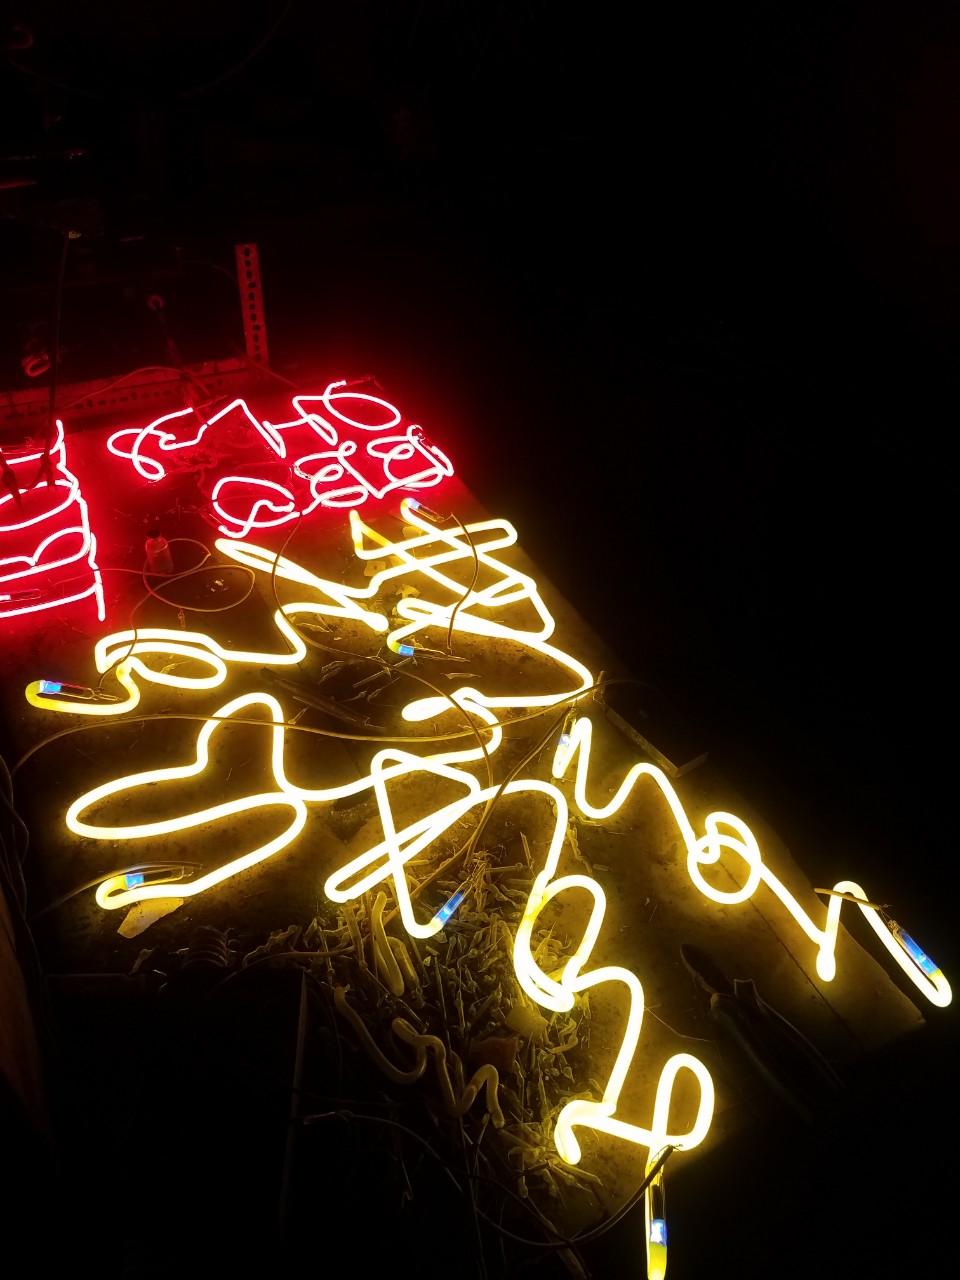 Thi công uốn đèn neon tại Đà Nẵng liên hệ 0938569427